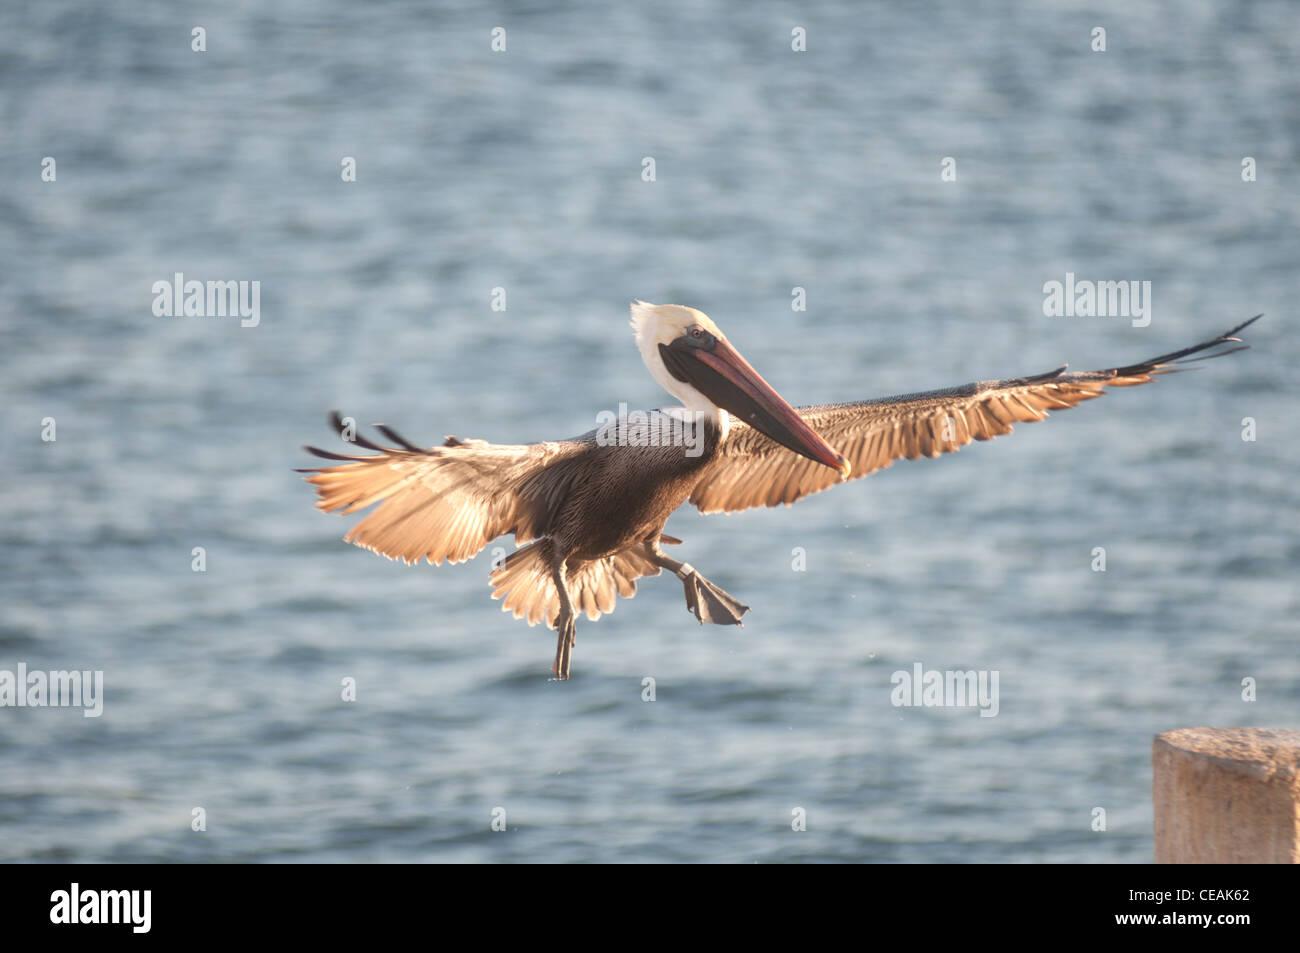 Pélican brun Pelecanus occidentalis,, volant, en Floride, Amérique du Nord, Etats-Unis Photo Stock